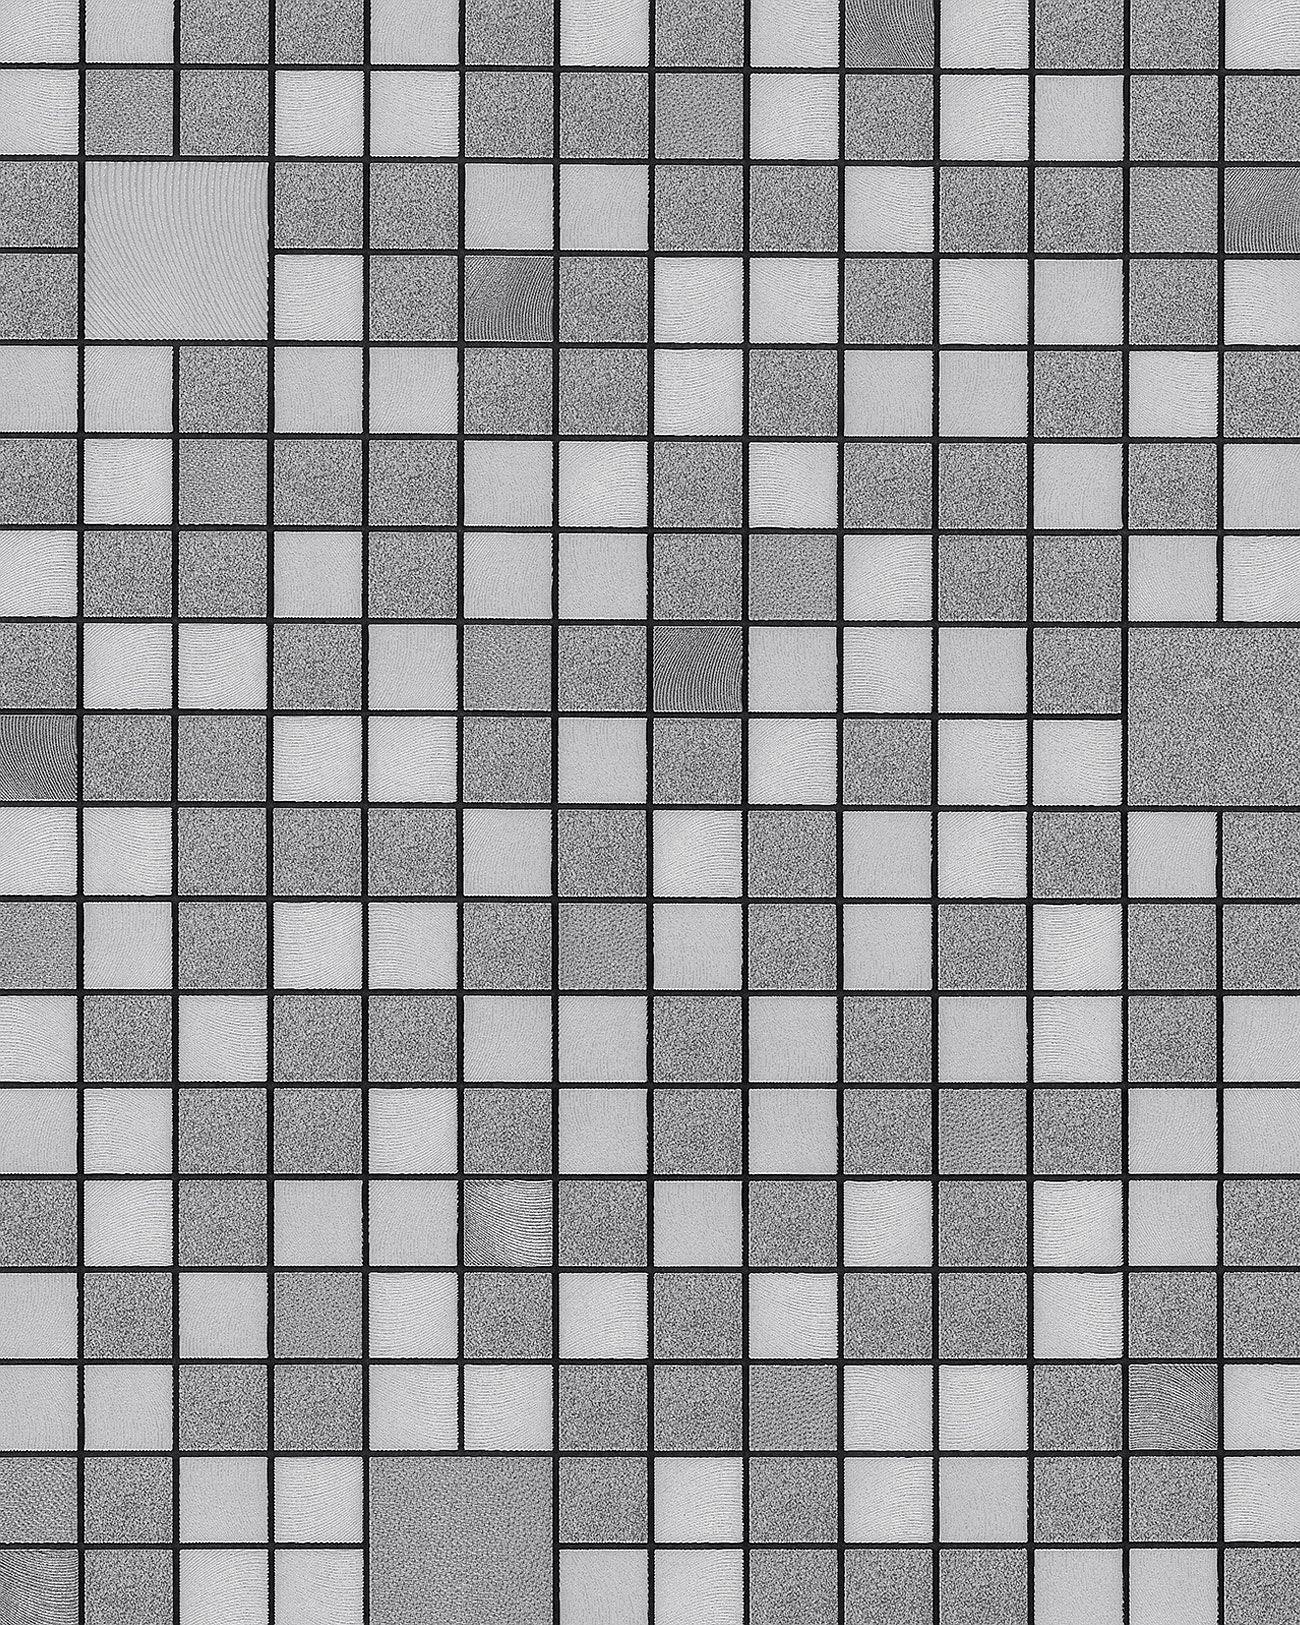 Papier Peint Pour Cuisine papier peint pour cuisine et bain edem 1033-16 papier peint vinyle gaufré  avec des figures géométriques et des accents métalliques argent platine  gris